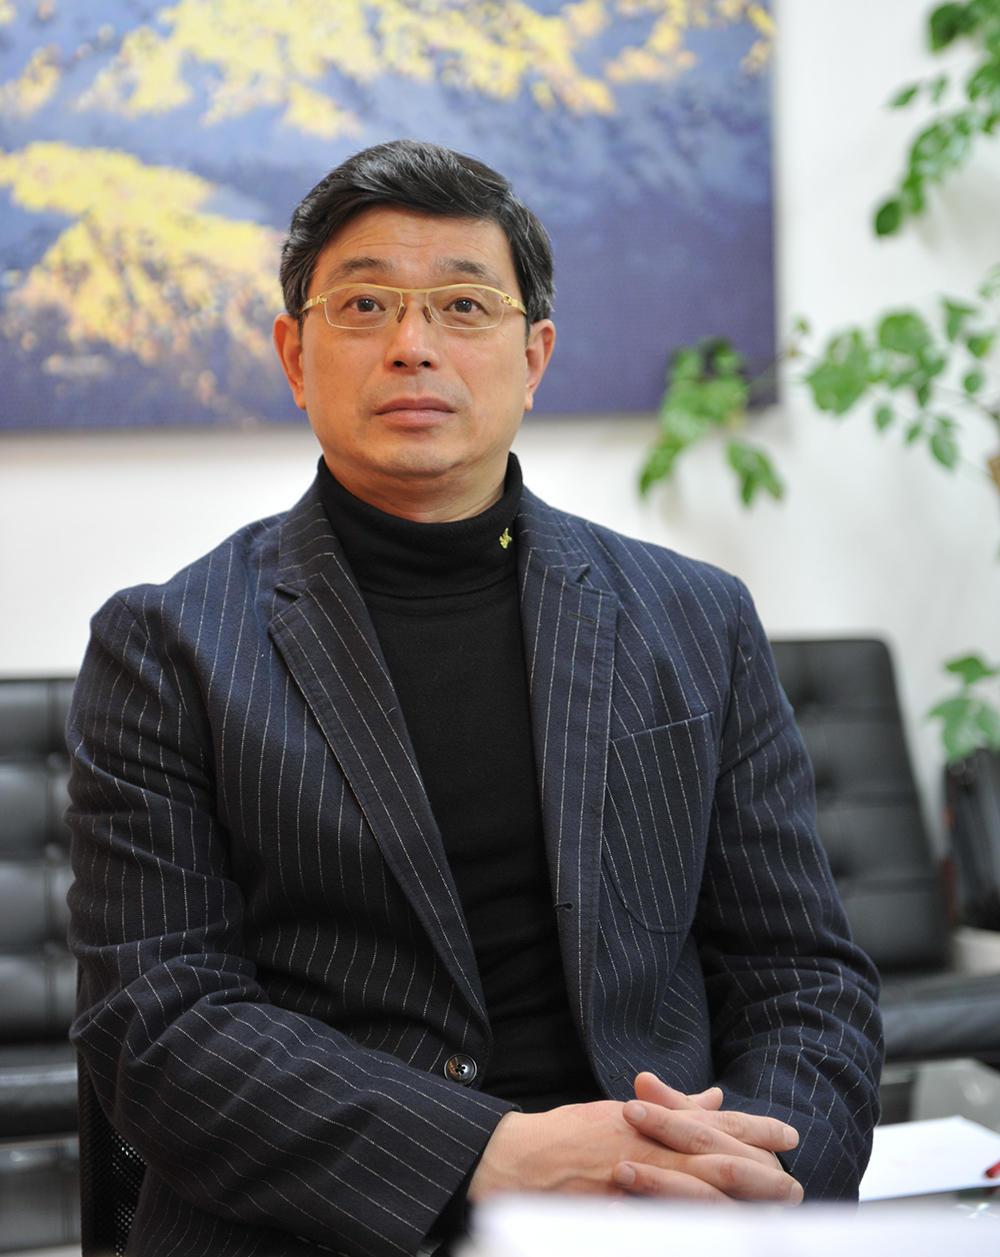 丁洁民 同济大学建筑设计研究院(集团)有限公司总工程师、总裁